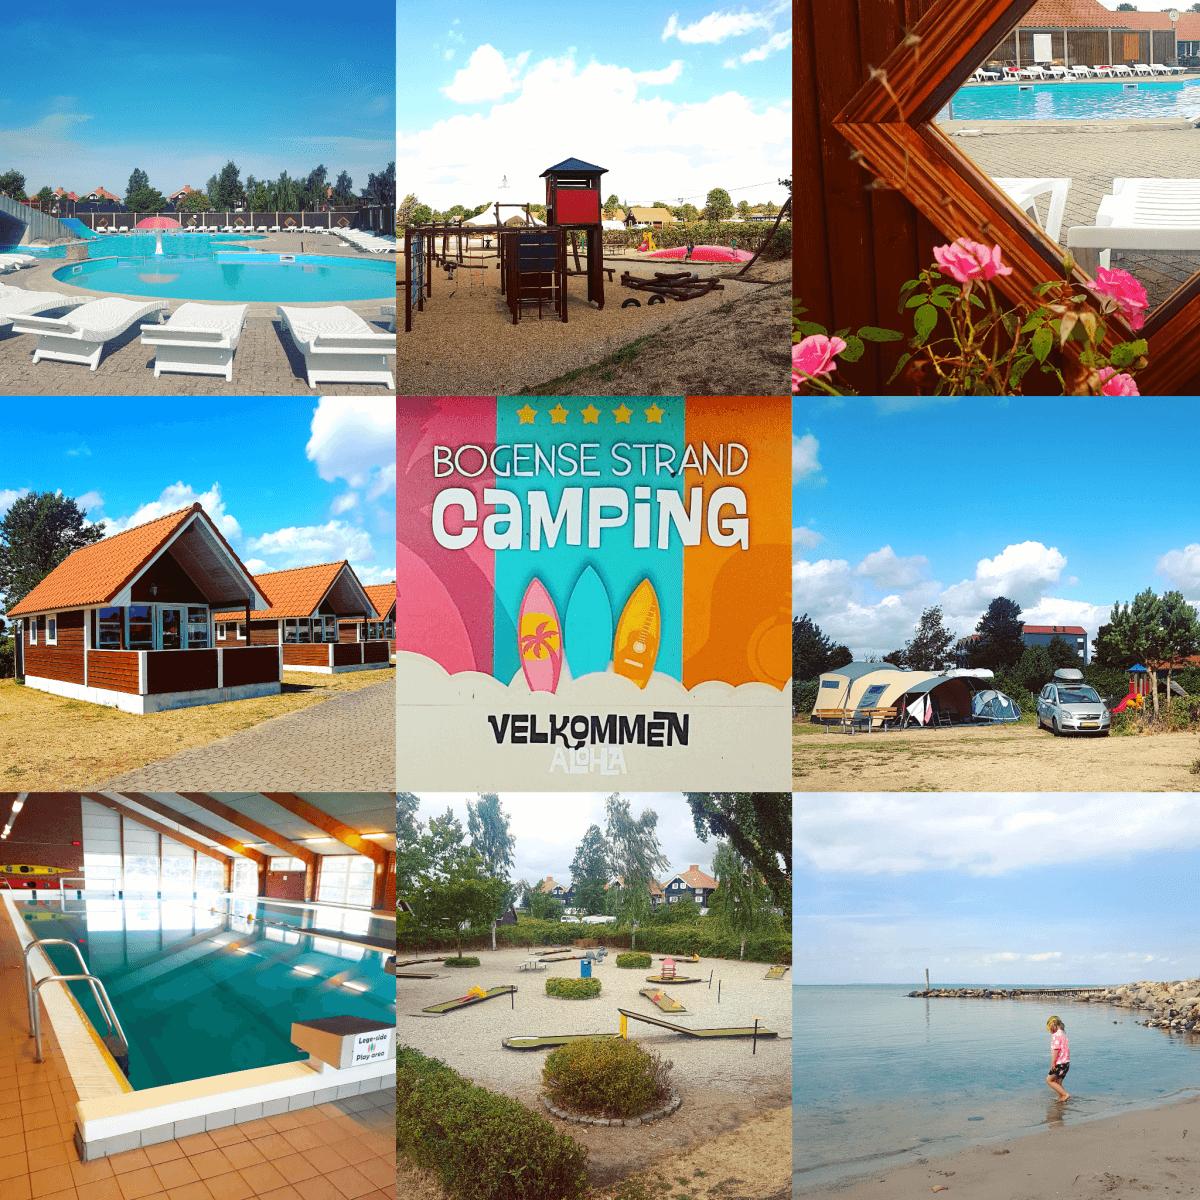 Campingtip: Bogense Strand Camping, op het eiland Funen in Denemarken #leukmetkids #camping #kamperen #binnenzwembad #buitenzwembad #midgetgolf